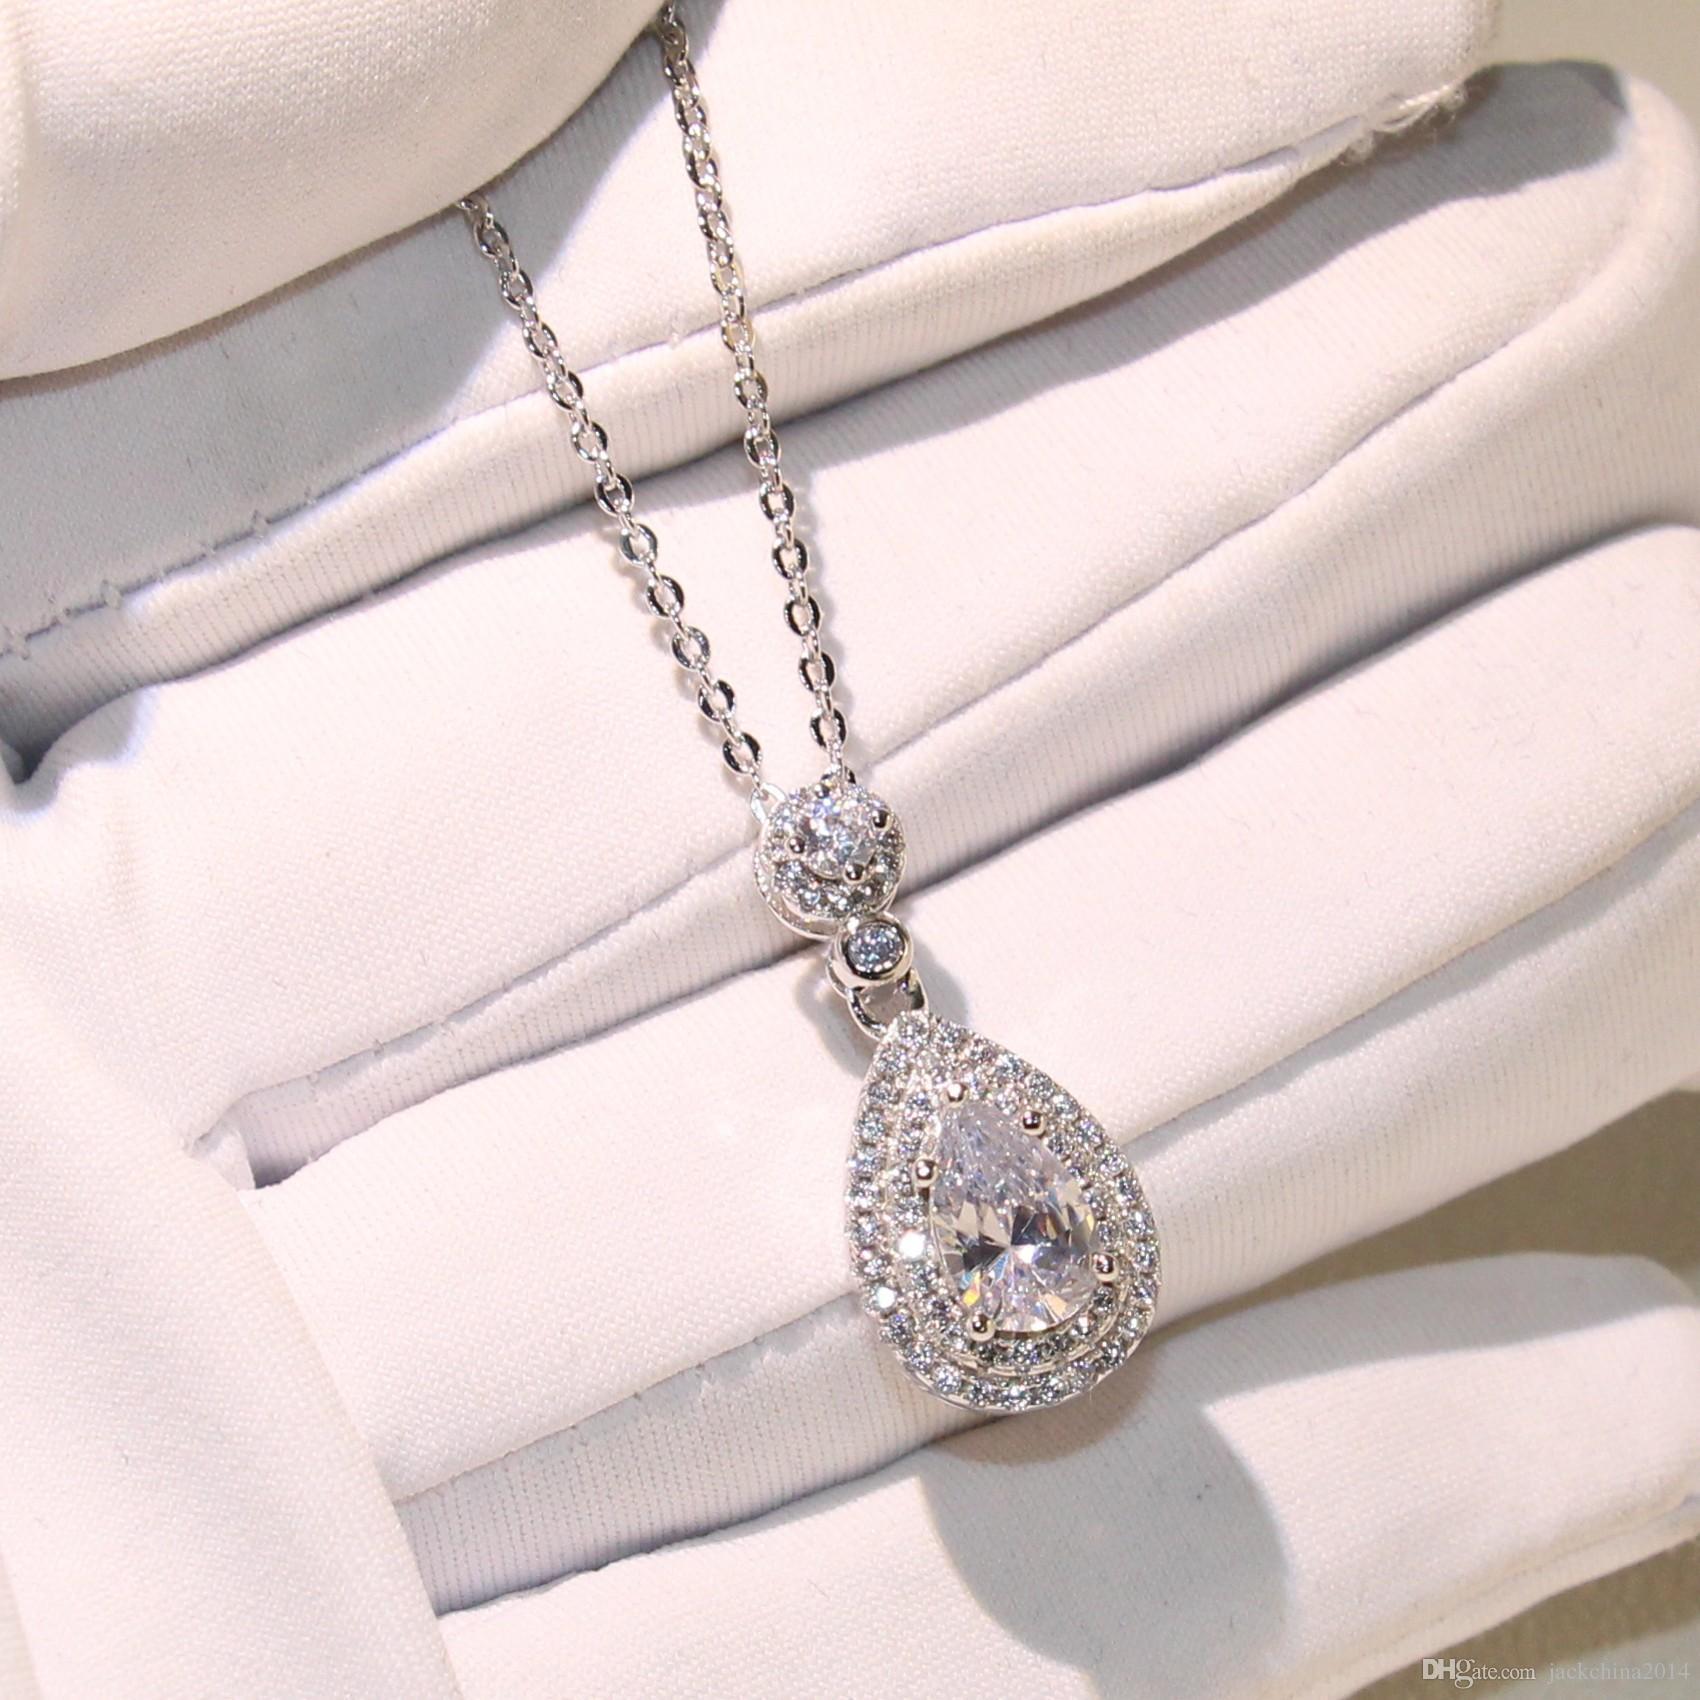 Vendidos Atacado Professional Luxury Jewelry Colar gota de água prata esterlina 925 Pear Forma Topaz CZ pingente de diamante presente Mulheres Para